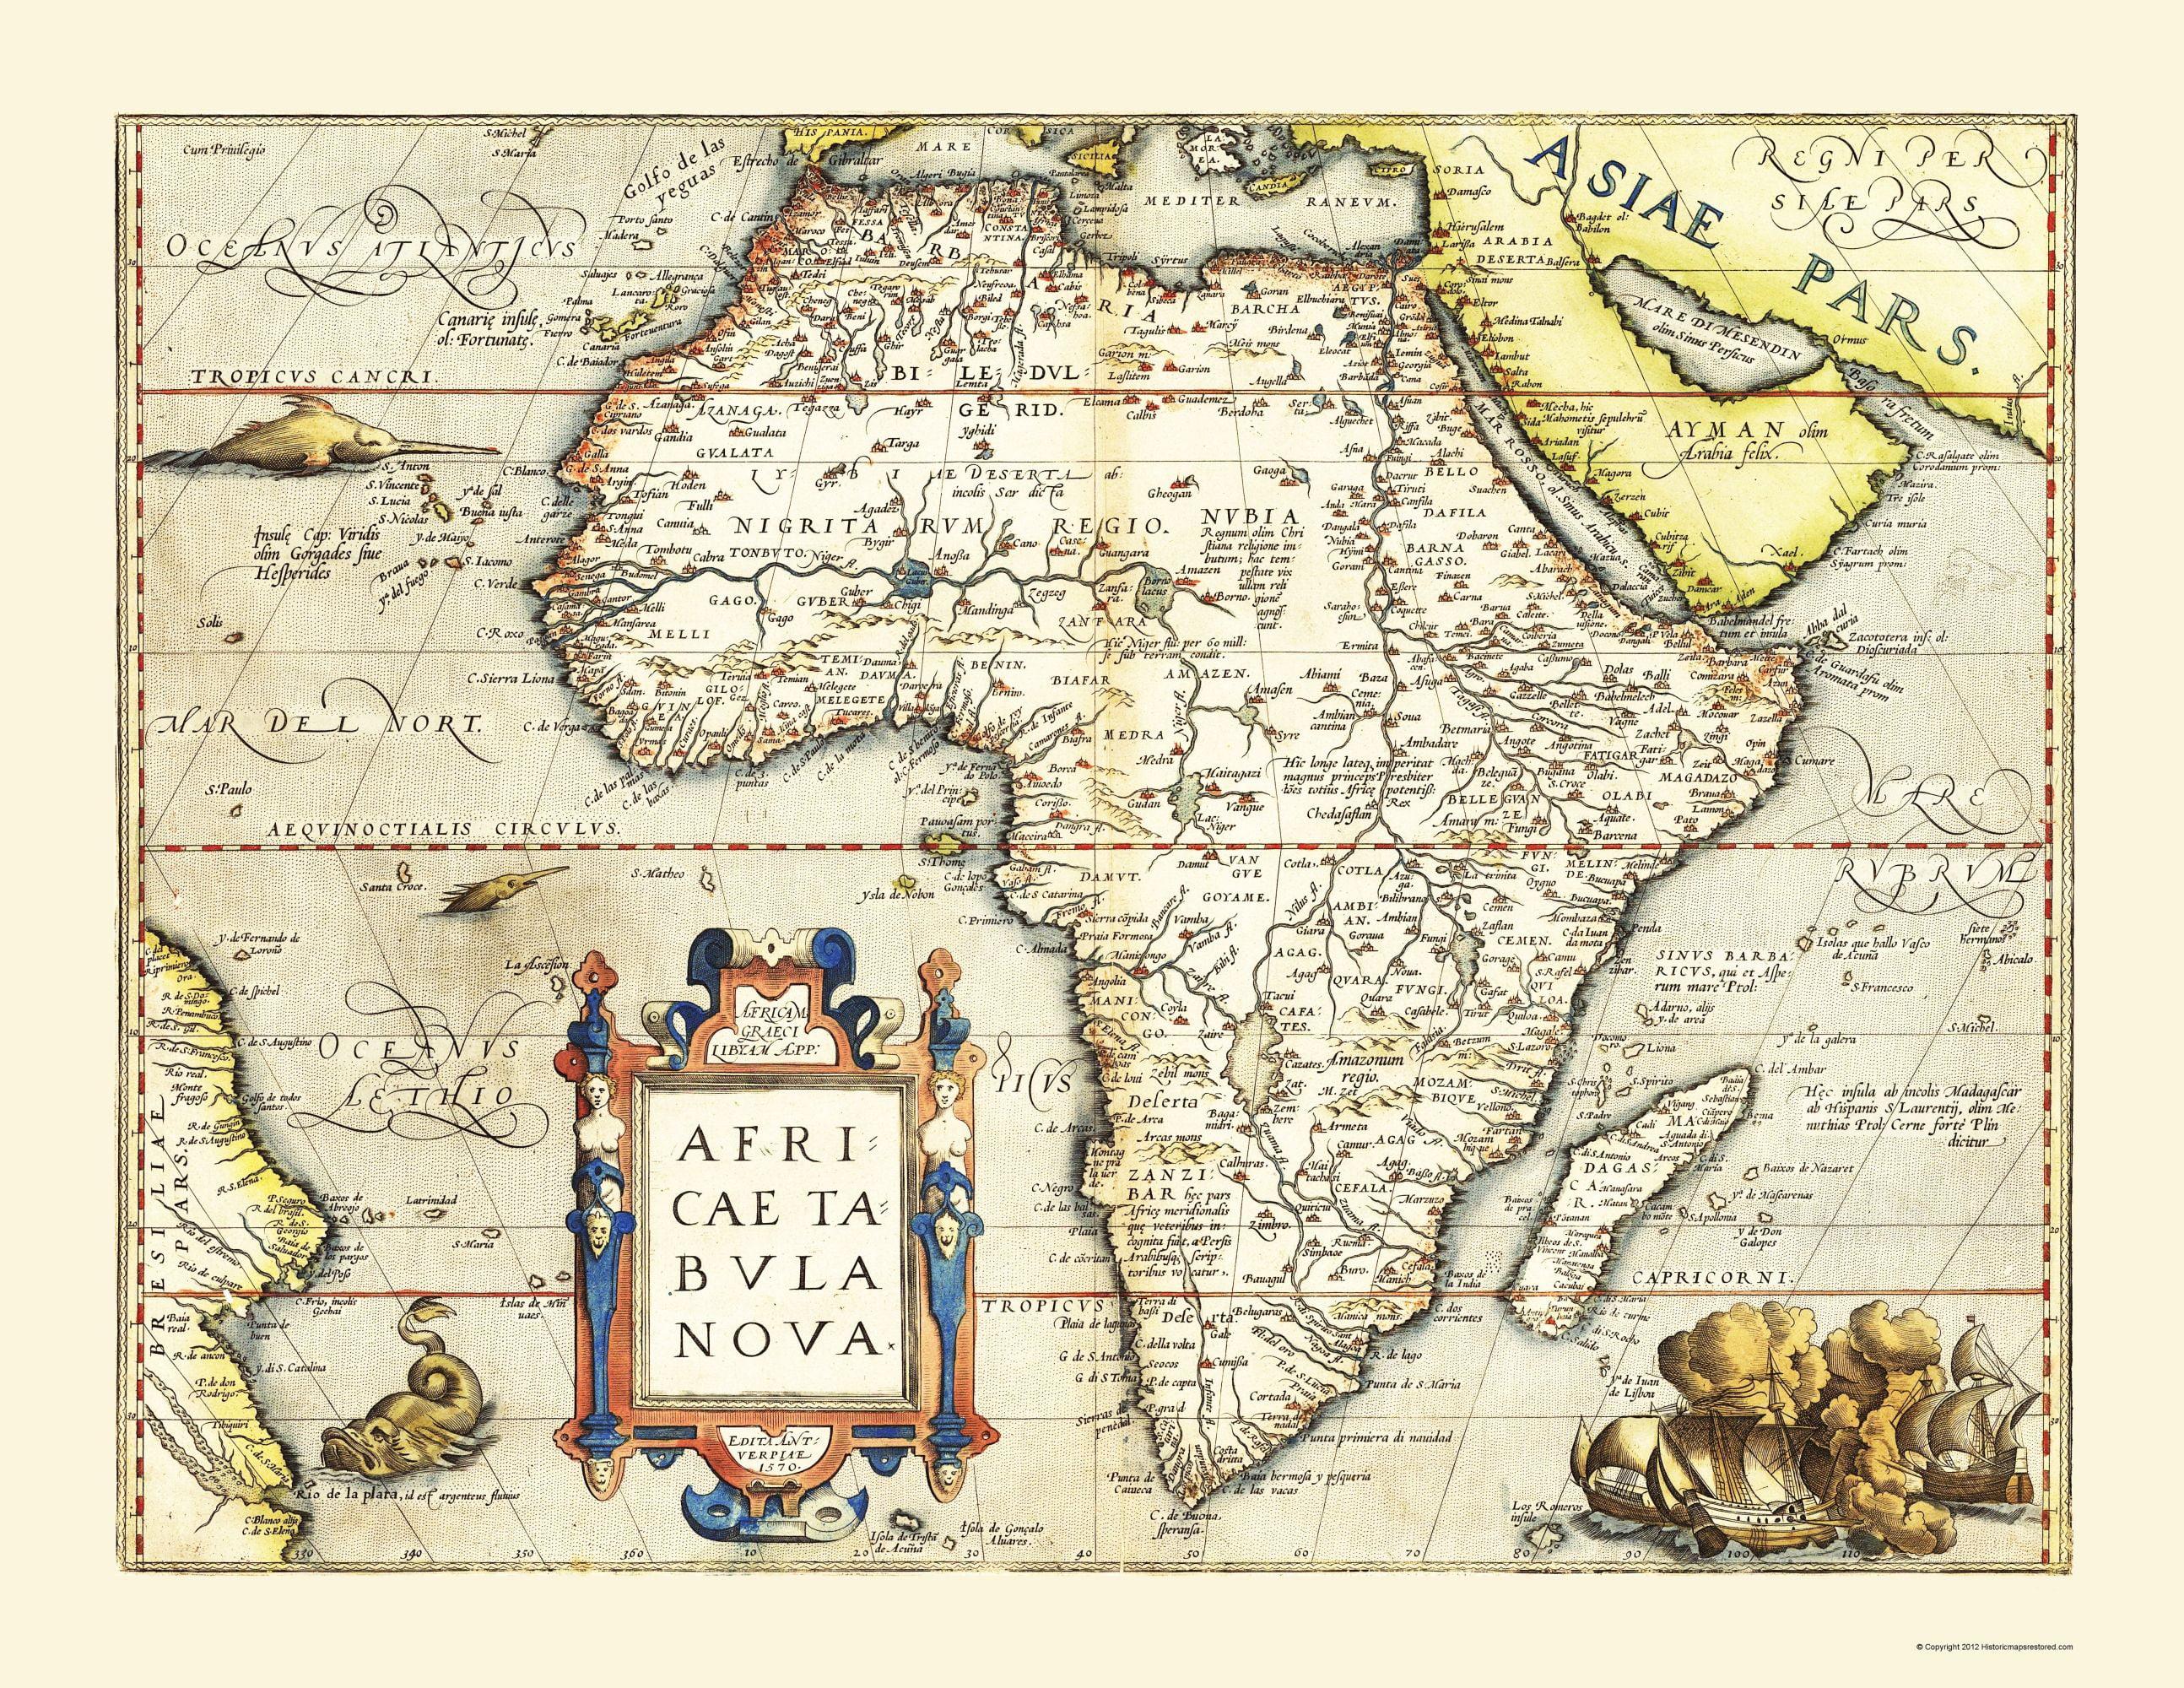 Africa Ortelius 1570-23 x 29.76